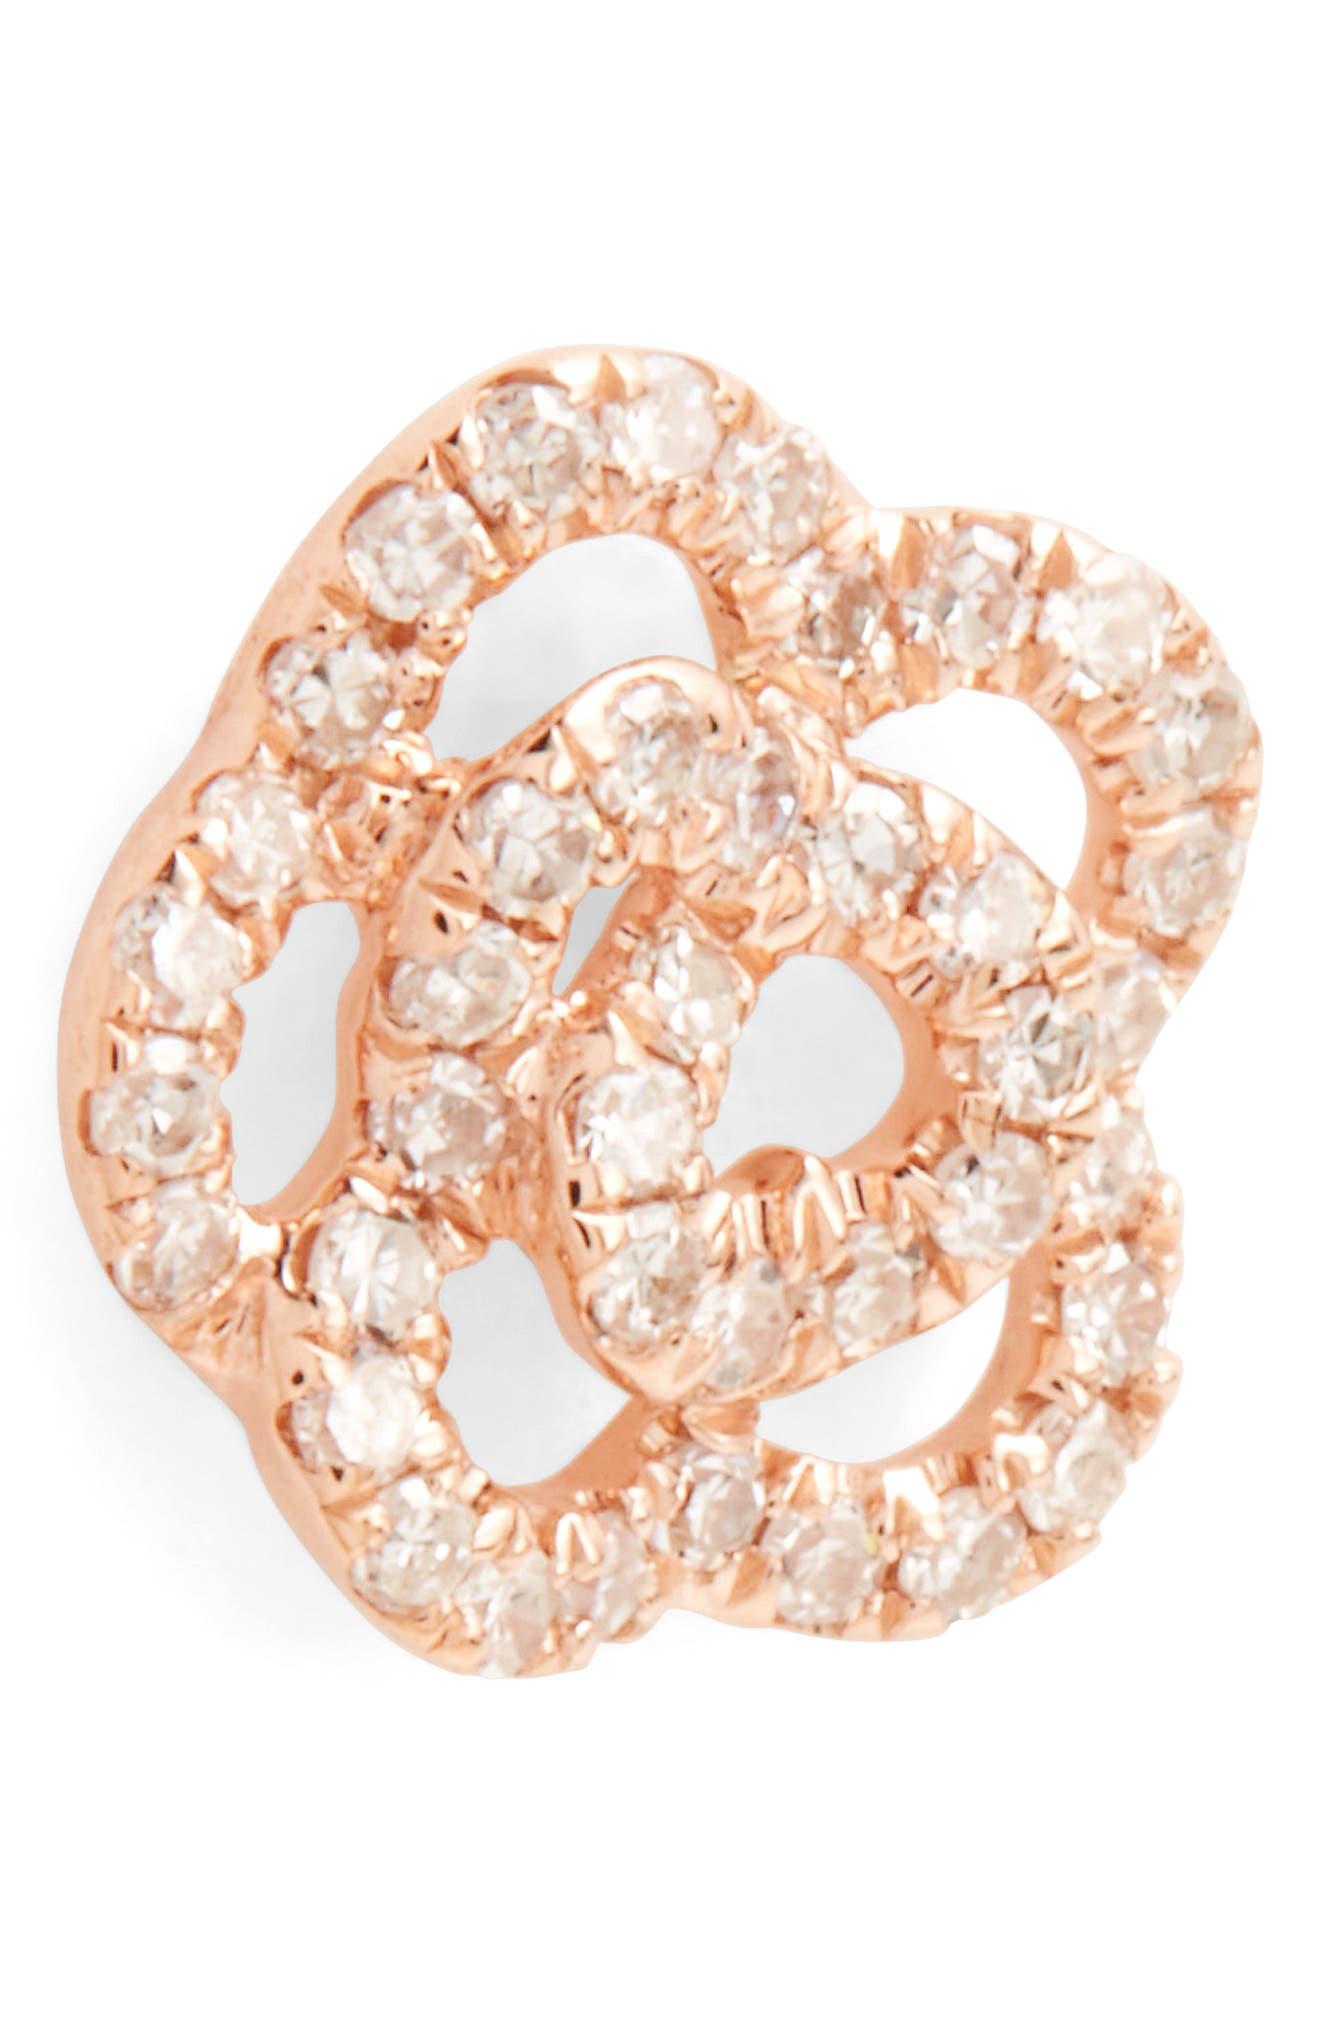 Rose Diamond Stud Earrings,                             Alternate thumbnail 6, color,                             ROSE GOLD